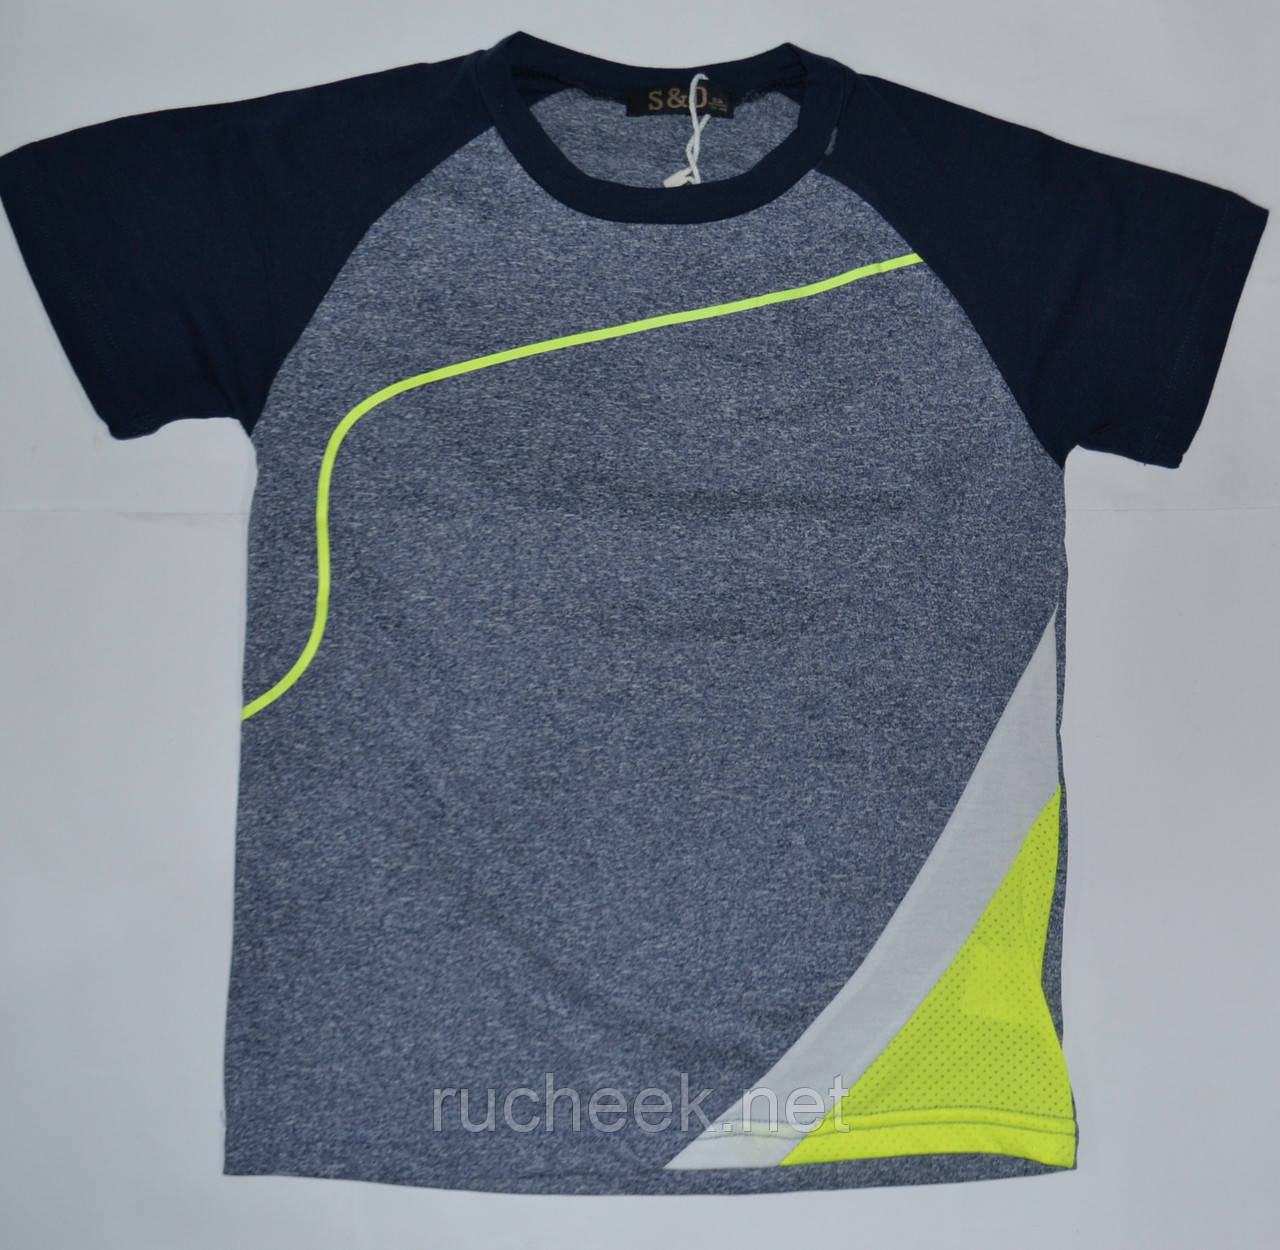 81a388b02f91 ... Летний спортивный костюм на мальчика, футболка и шорты р -ры 8-12 лет